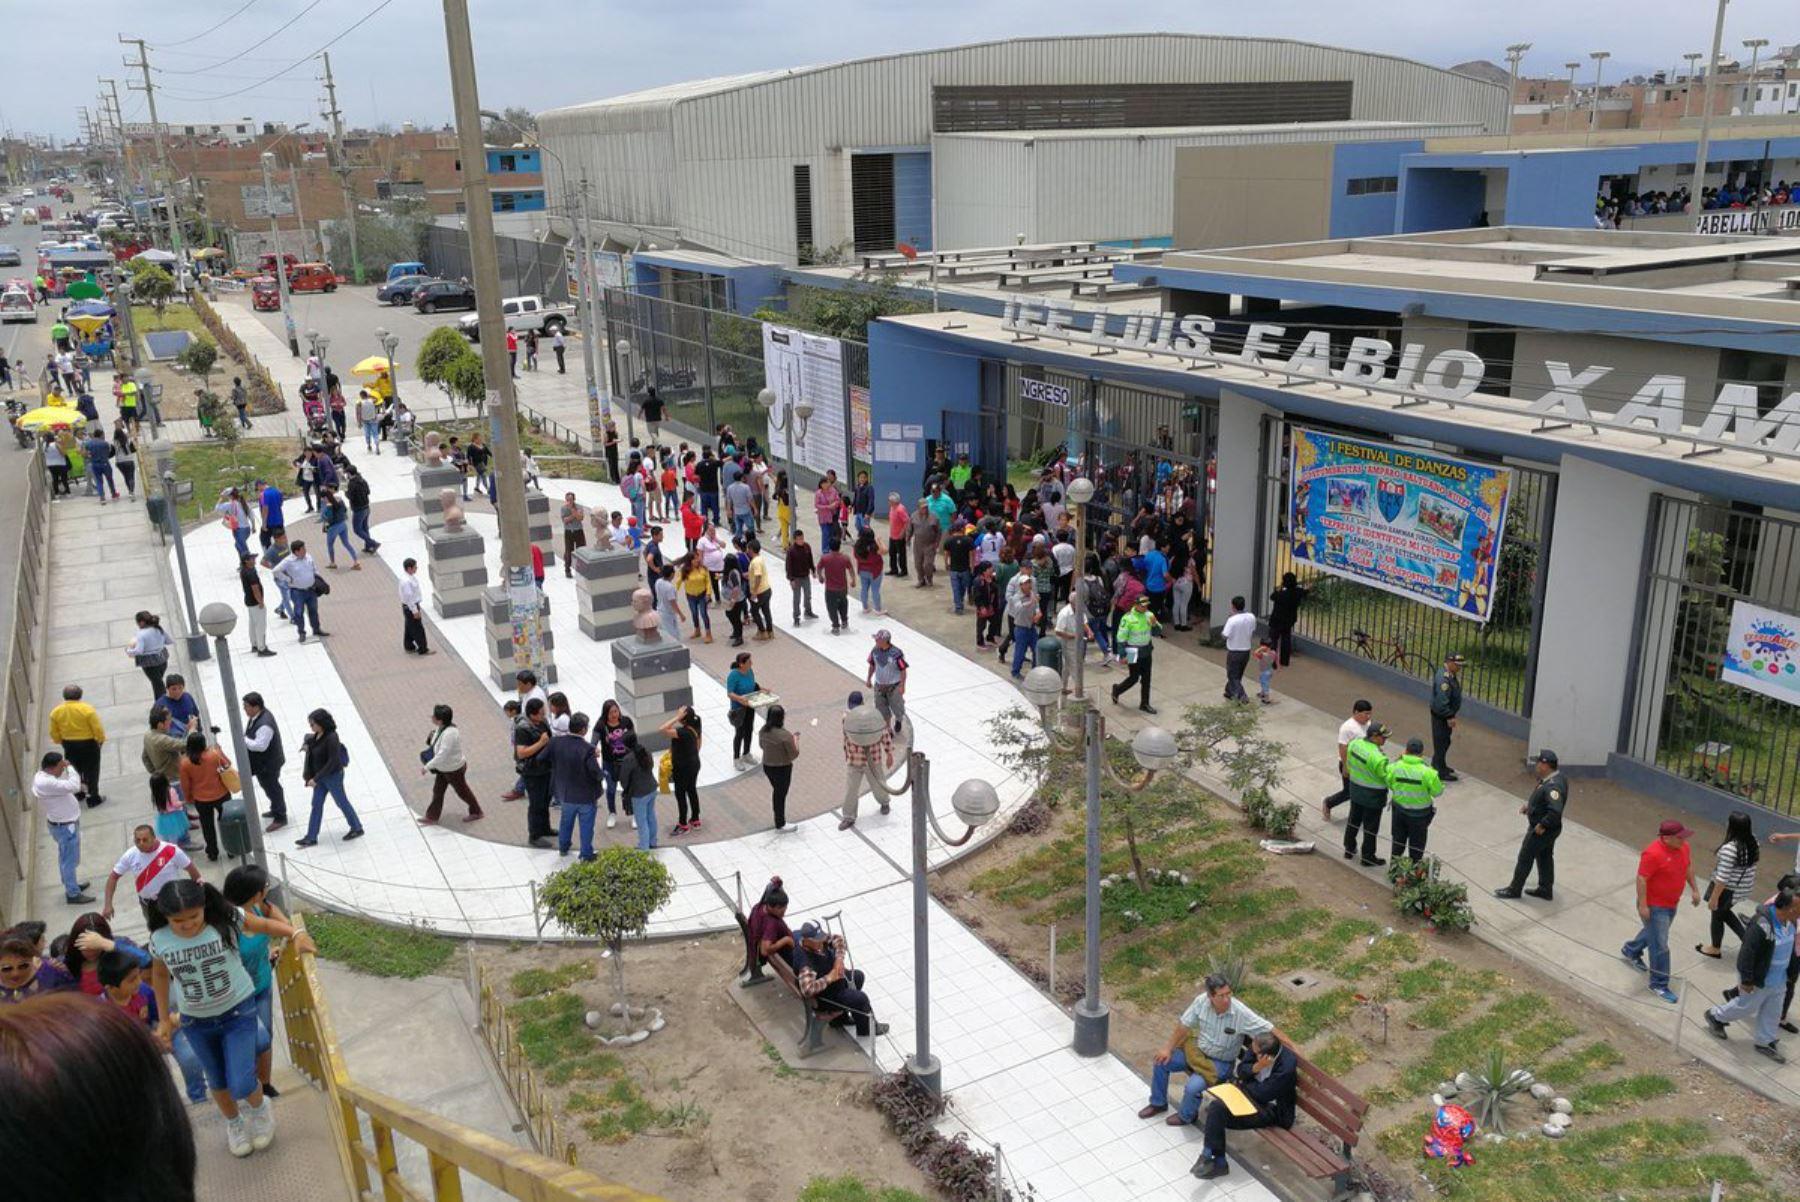 Los electores de la región Lima provincias irán a una segunda vuelta para elegir al gobernador regional. Foto: Cortesía: Chinn de la Cruz Loo/Twitter